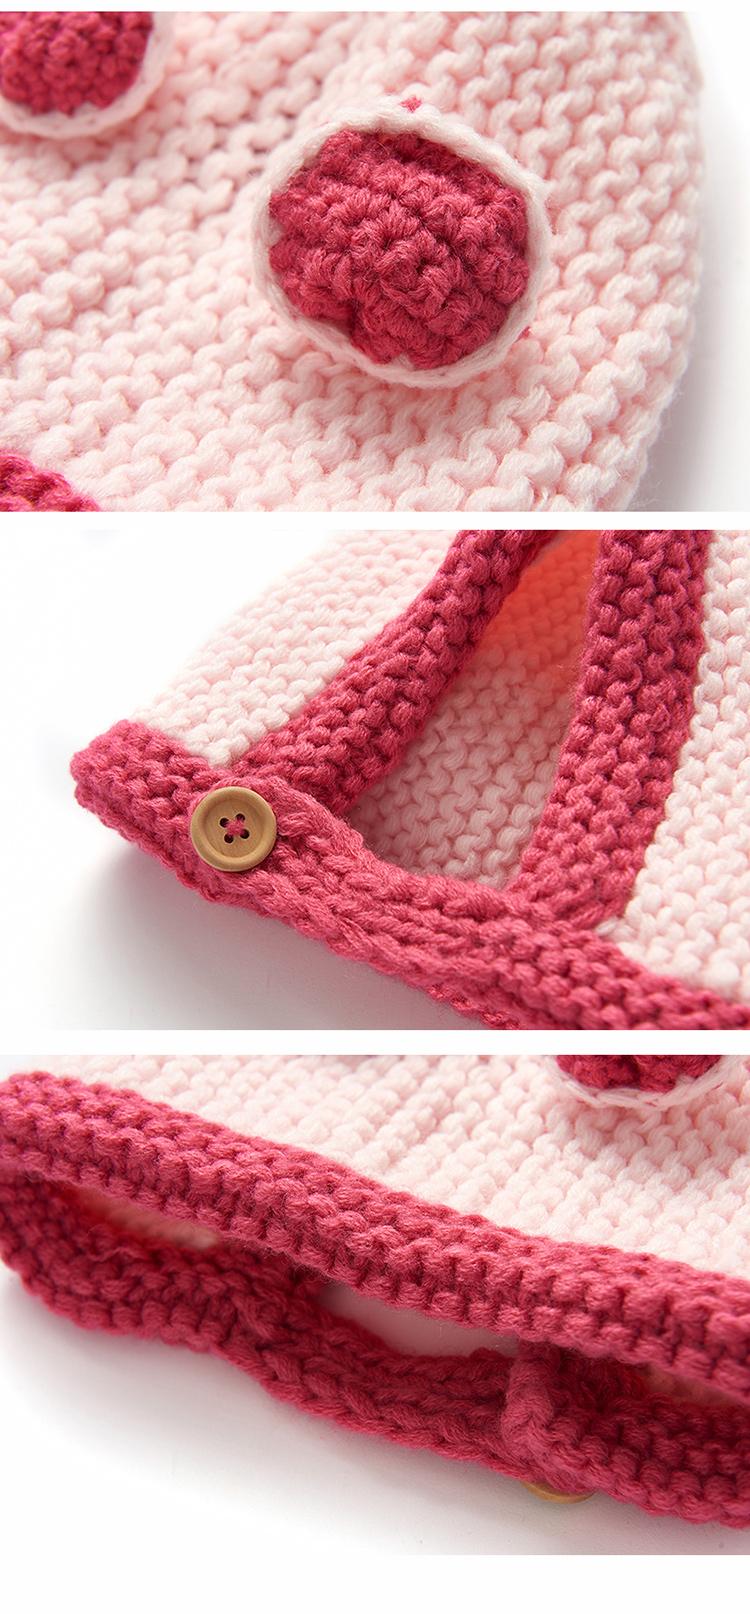 婴儿帽子秋冬针织毛线帽手工编织护耳儿童帽宝宝帽韩版